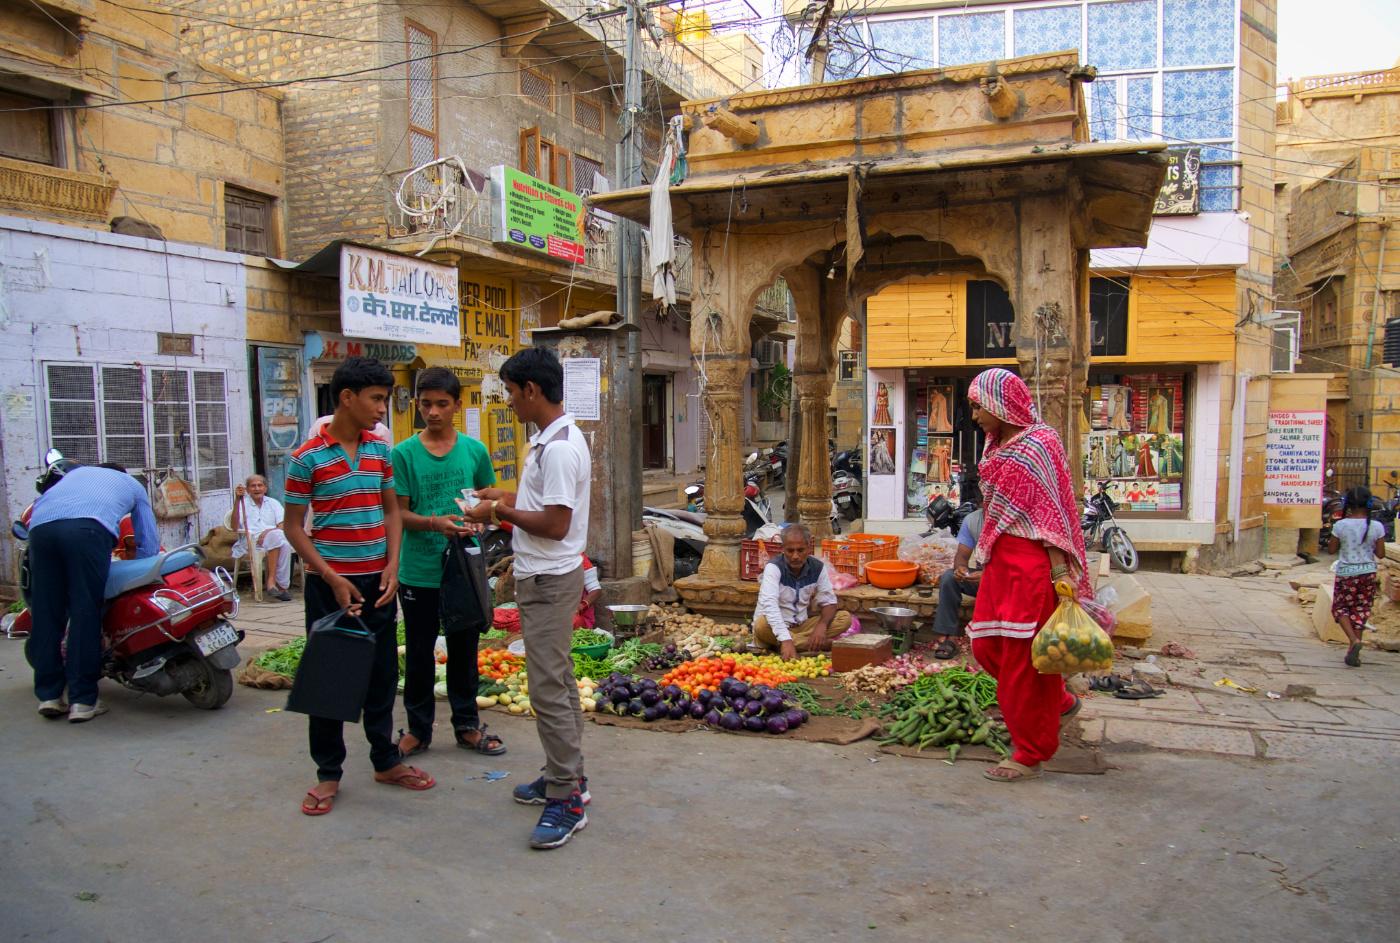 512-India-Jaisalmer